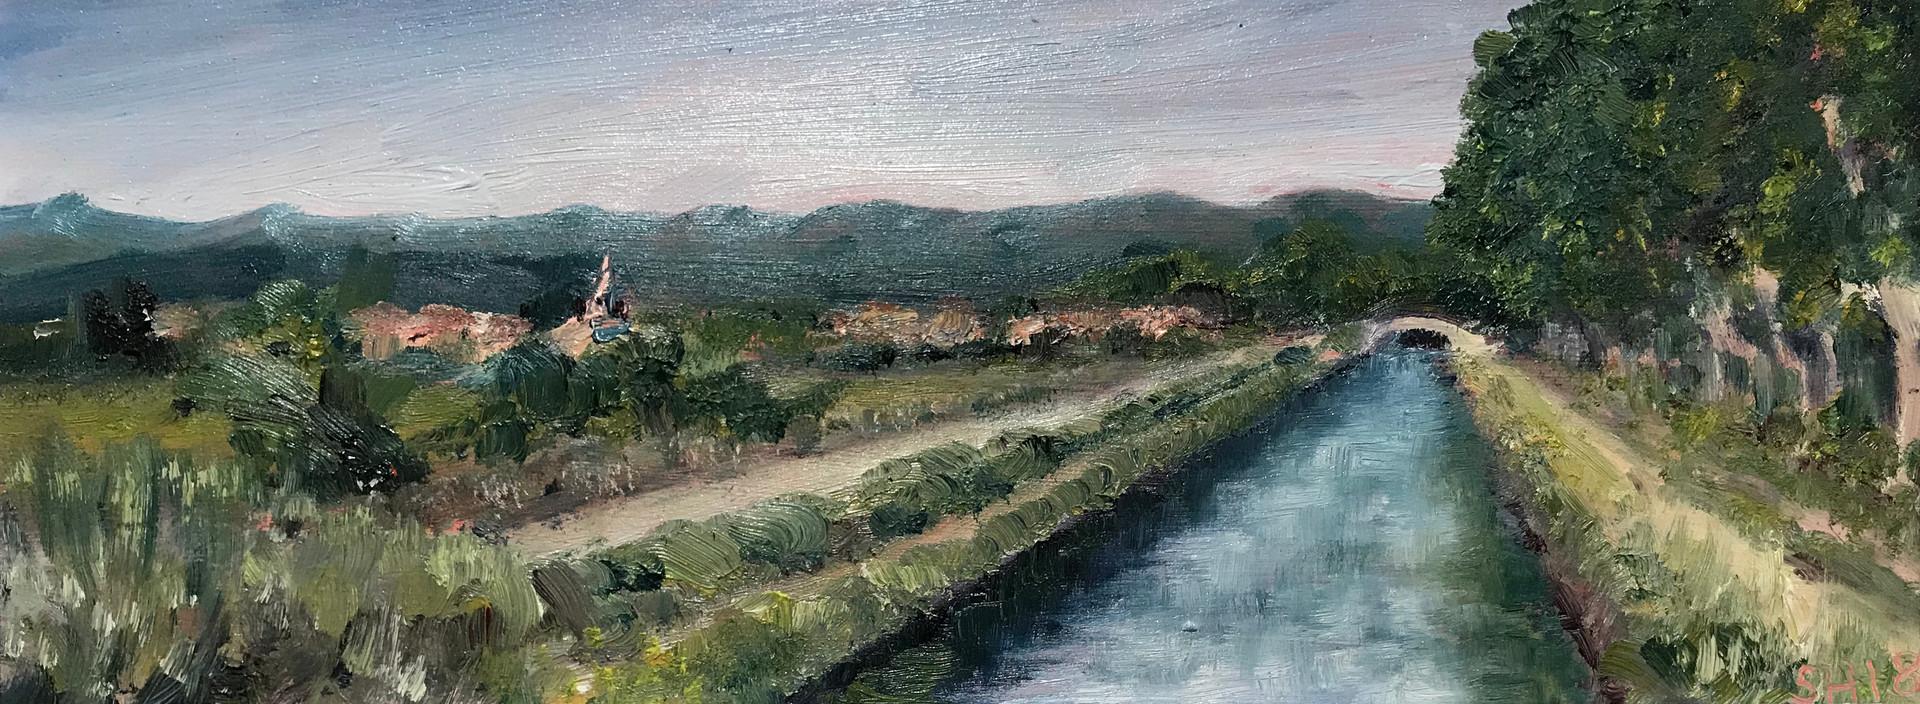 Canal du Midi Salleles d'Aude